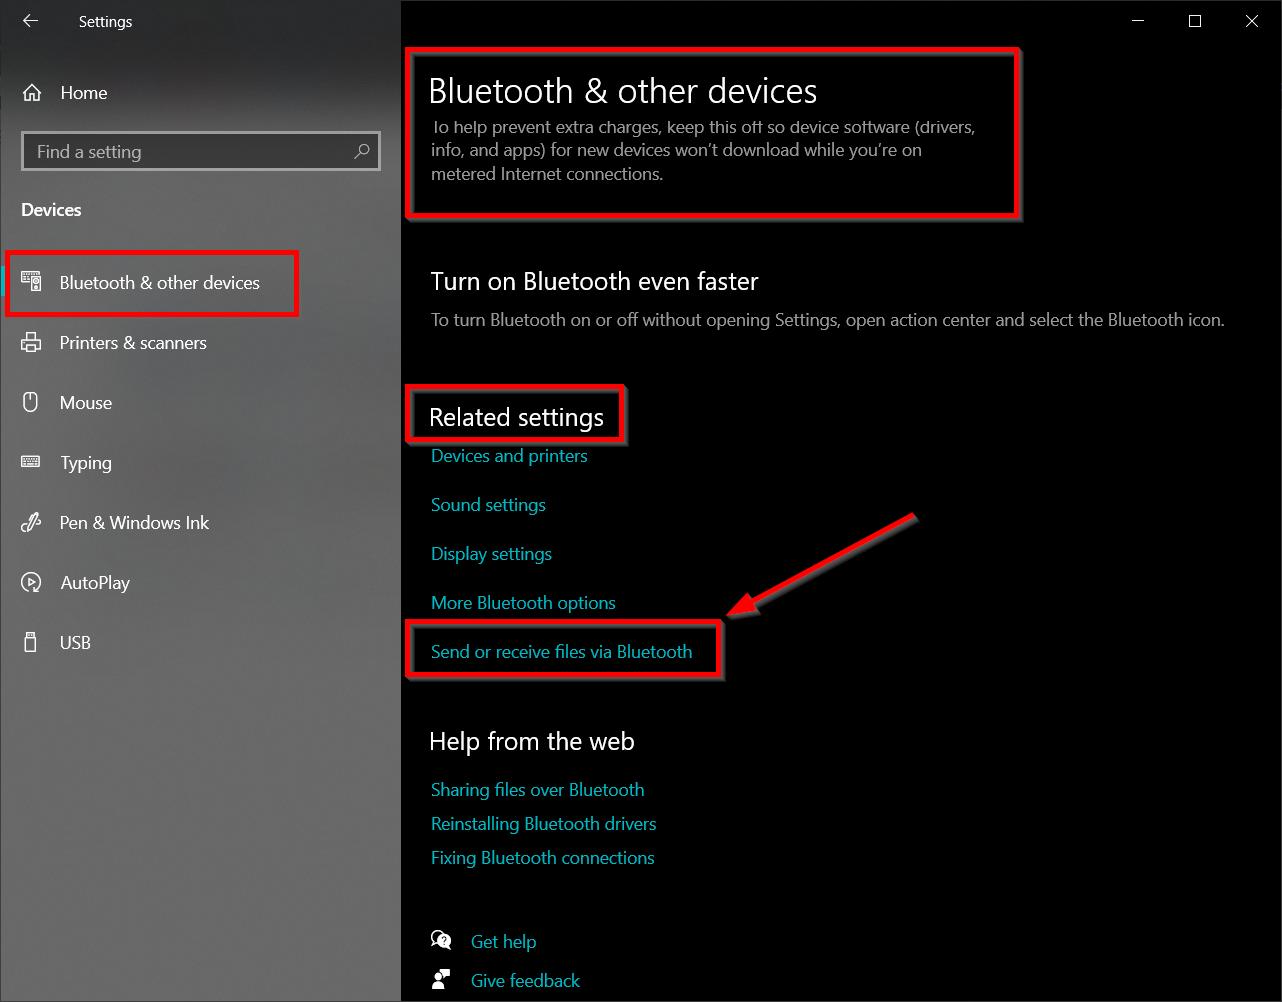 send or receive files via bluetooth windows 10